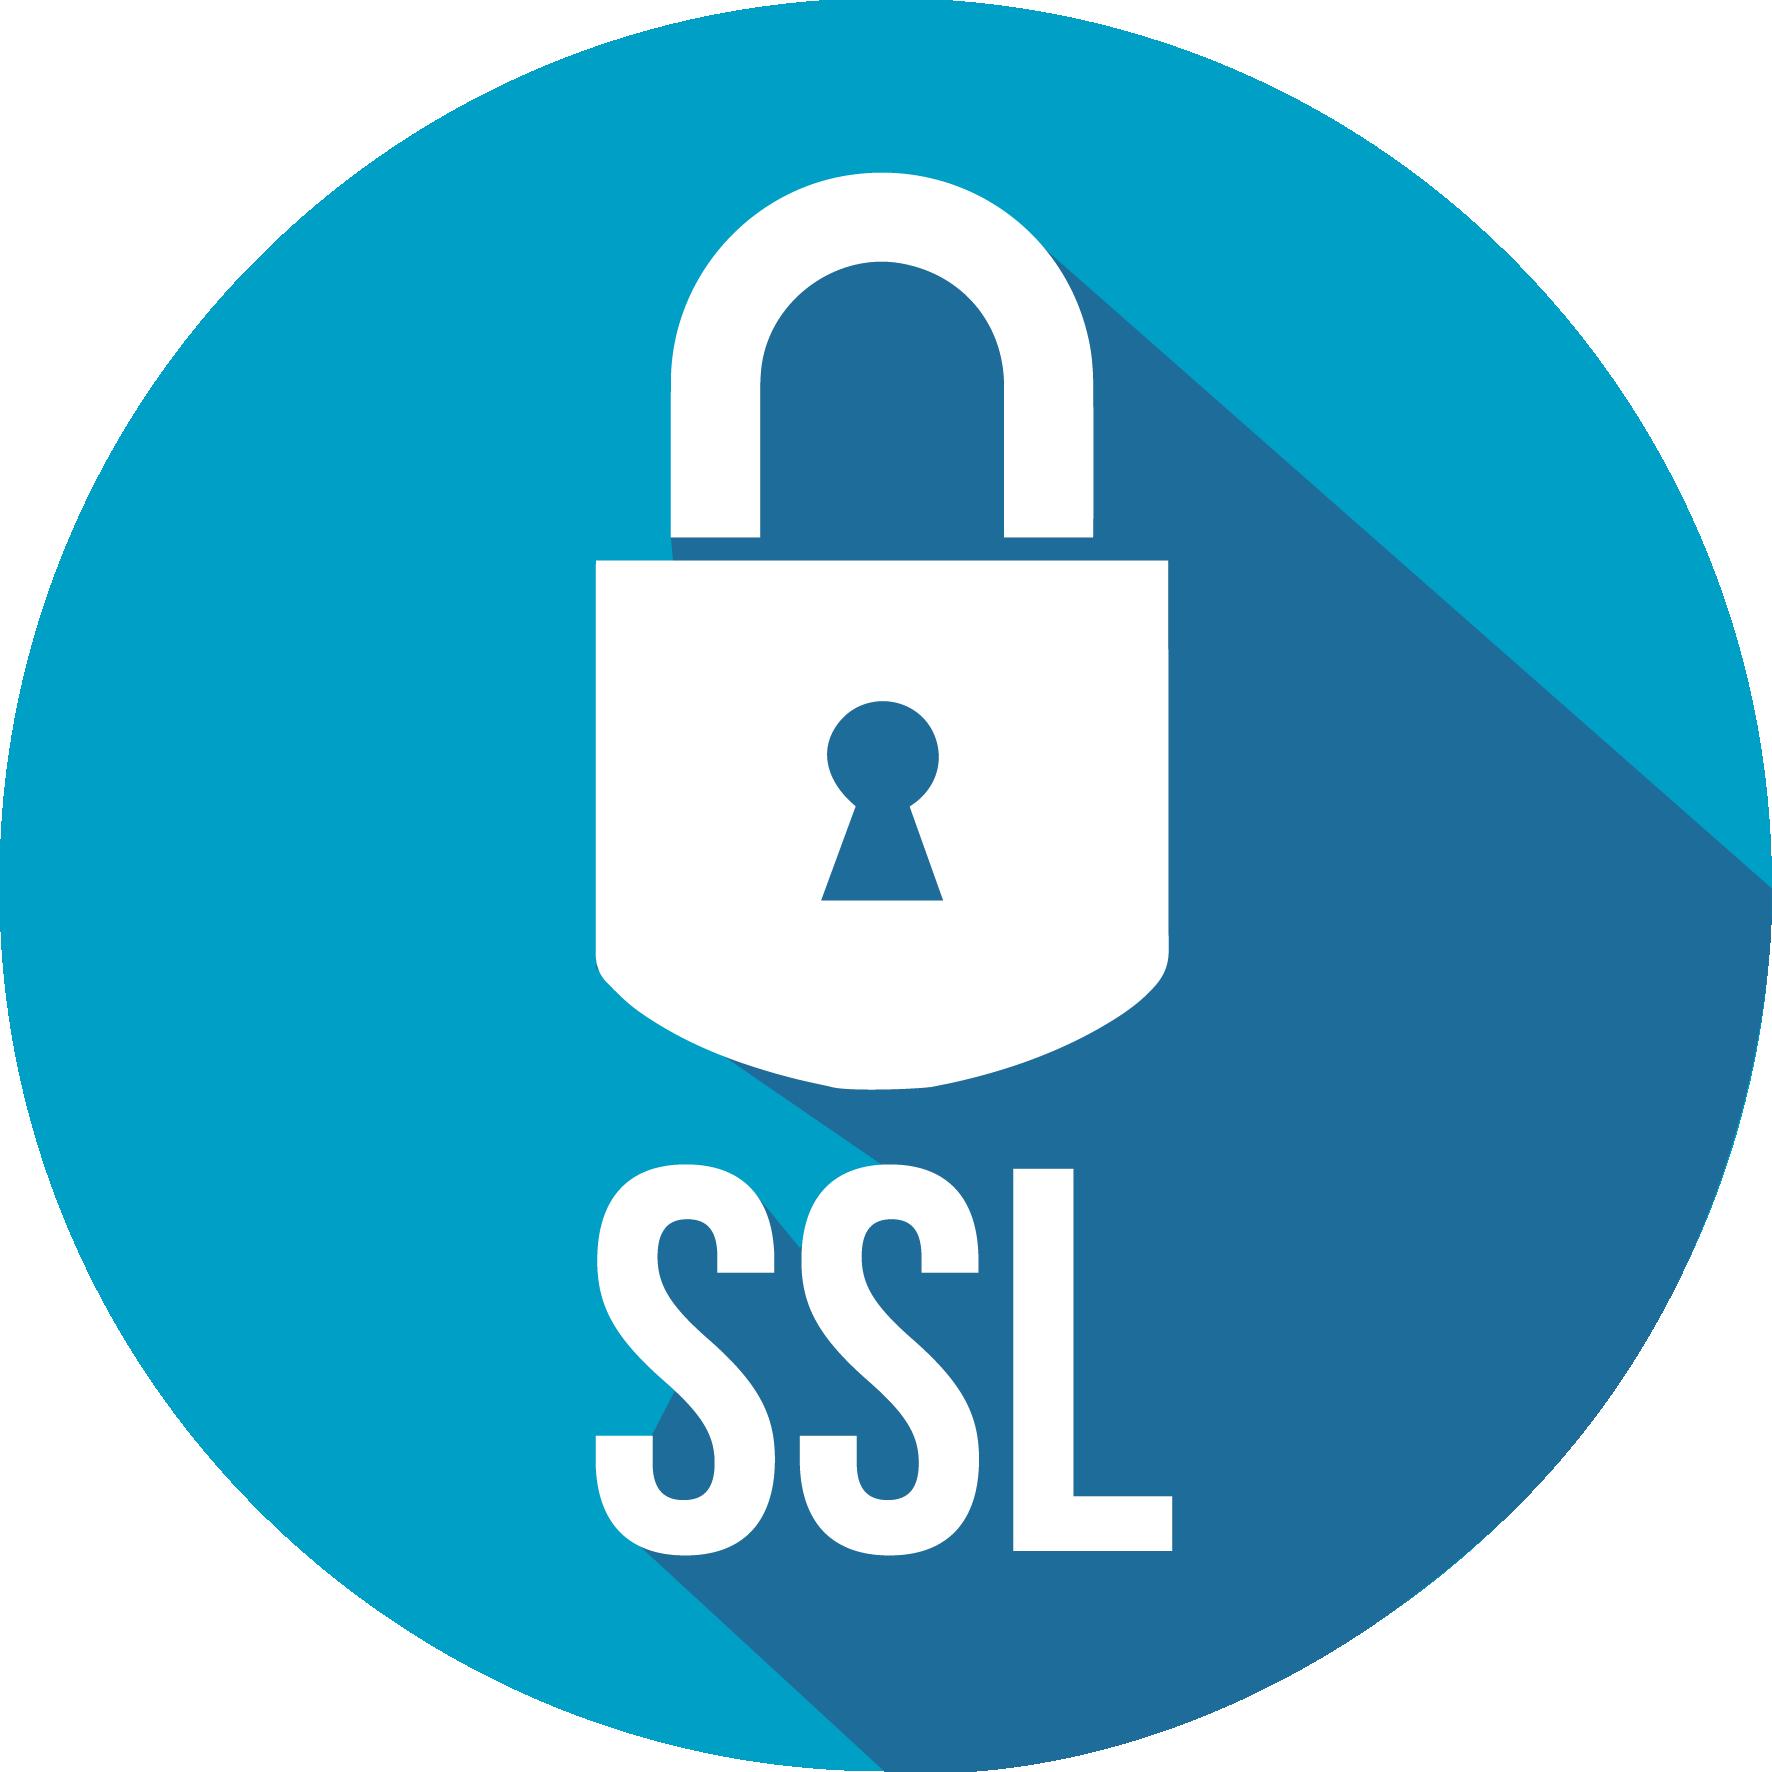 Certificado SSL incluido